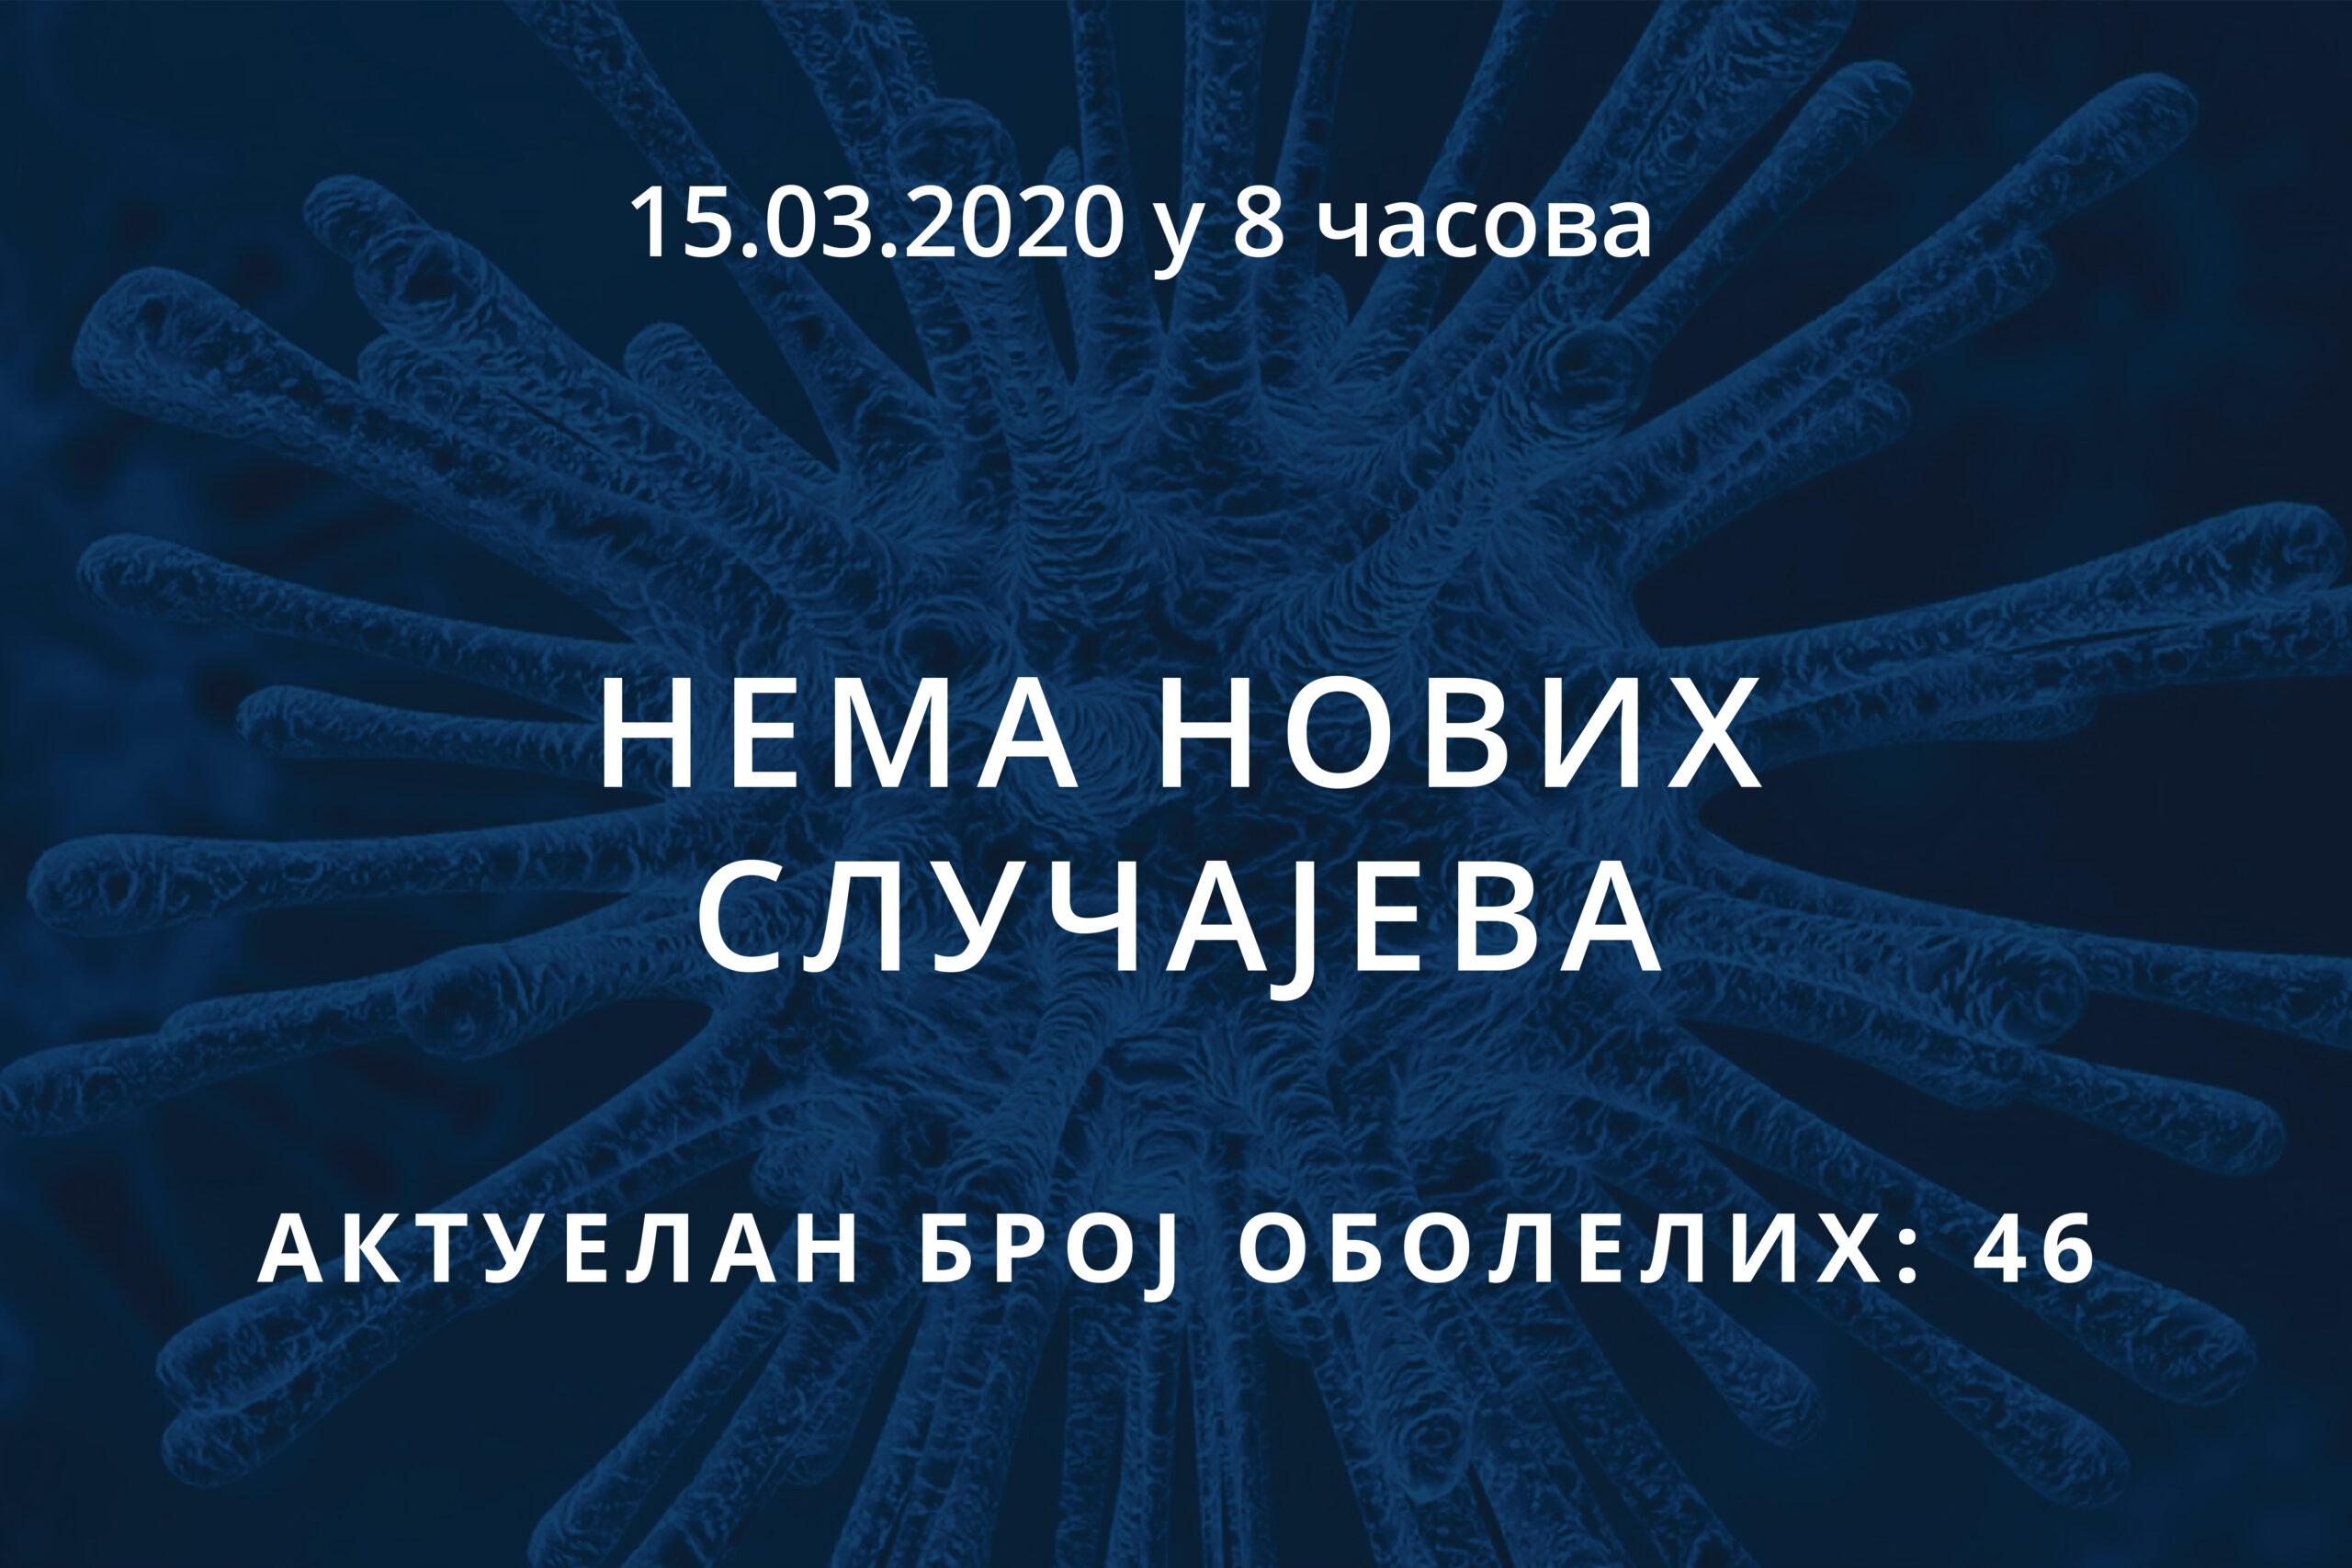 Информације о корона вирусу COVID-19, 15.03.2020 у 8 часова